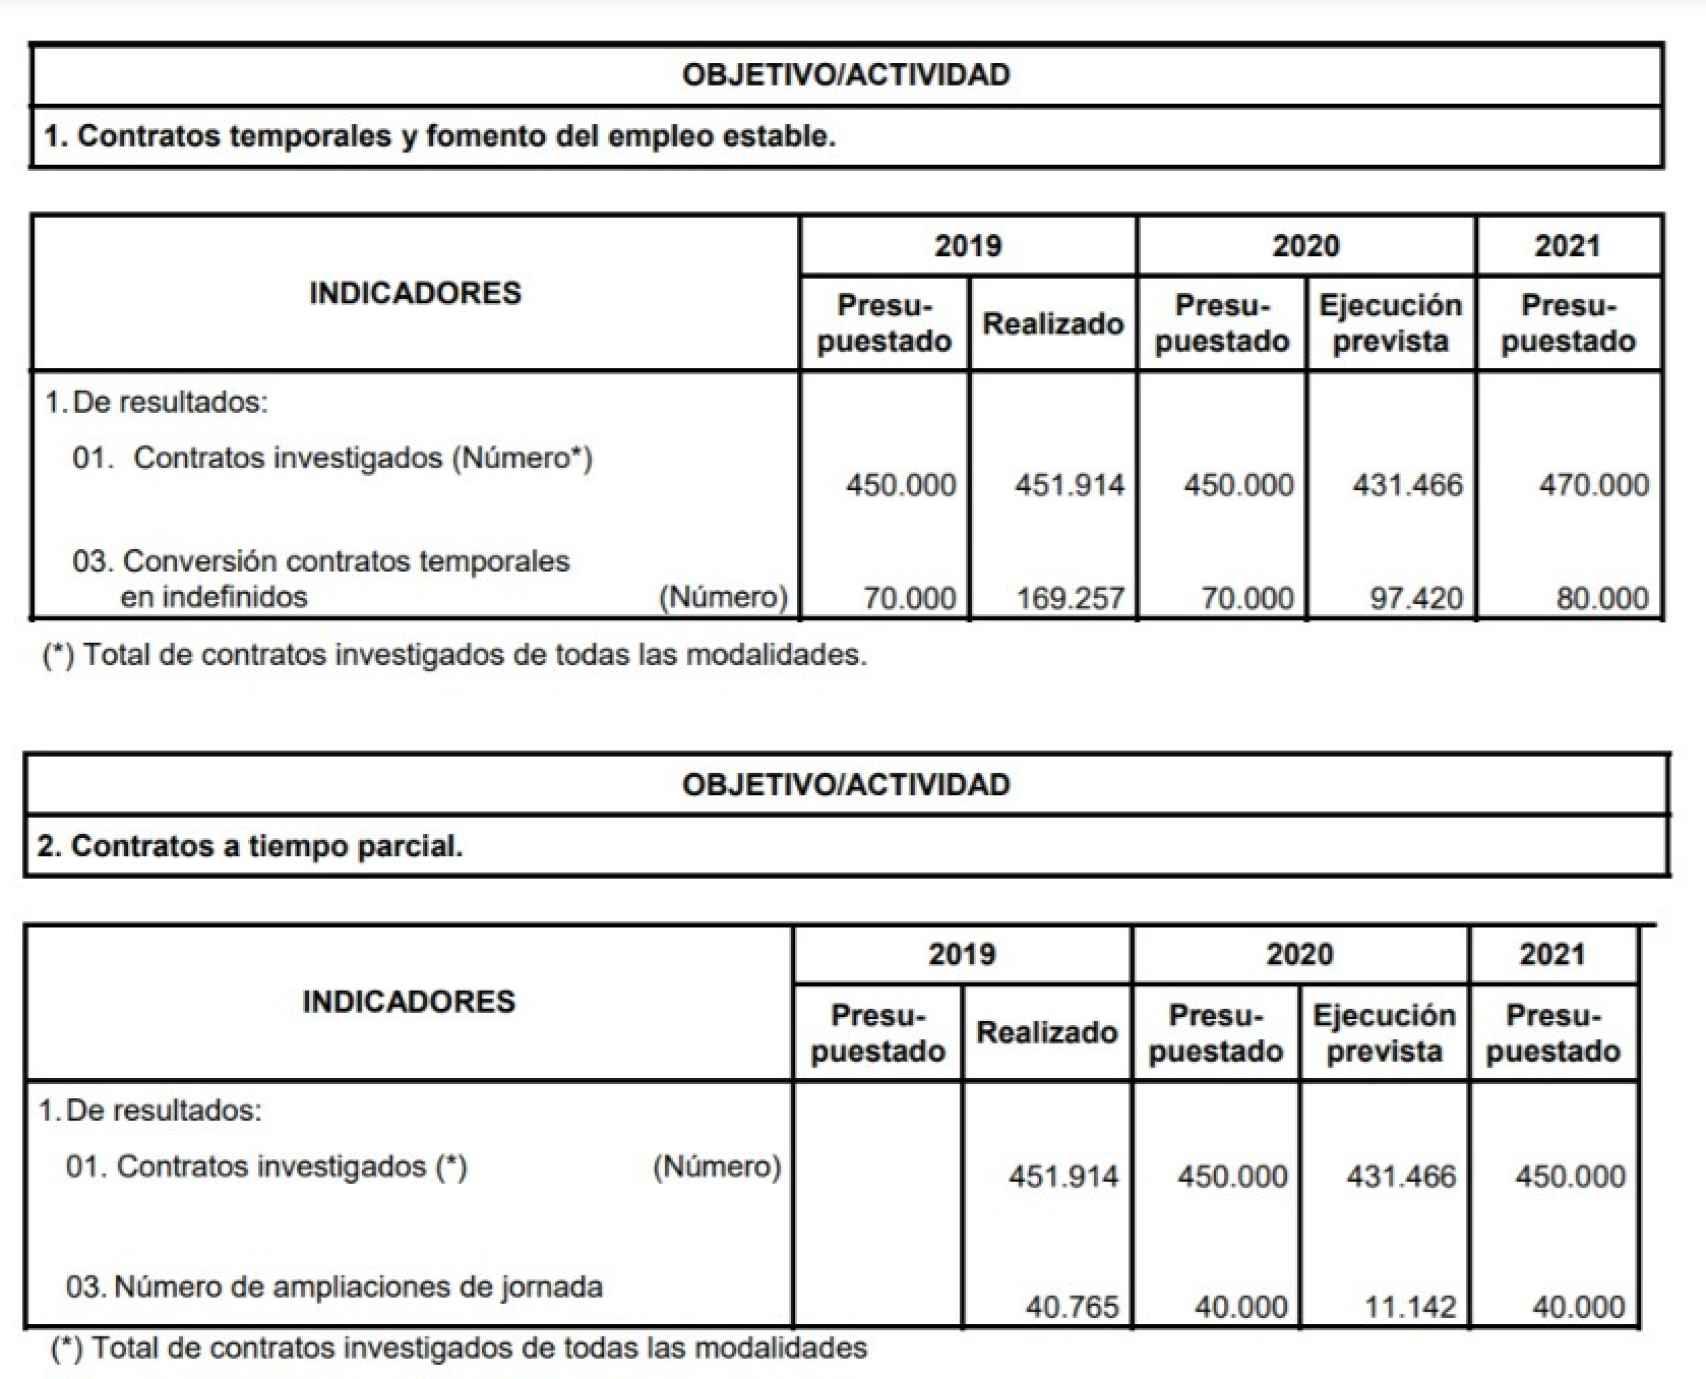 Acciones de la Inspección de Trabajo contra el fraude. Fuente: proyecto de Presupuestos Generales del Estado.